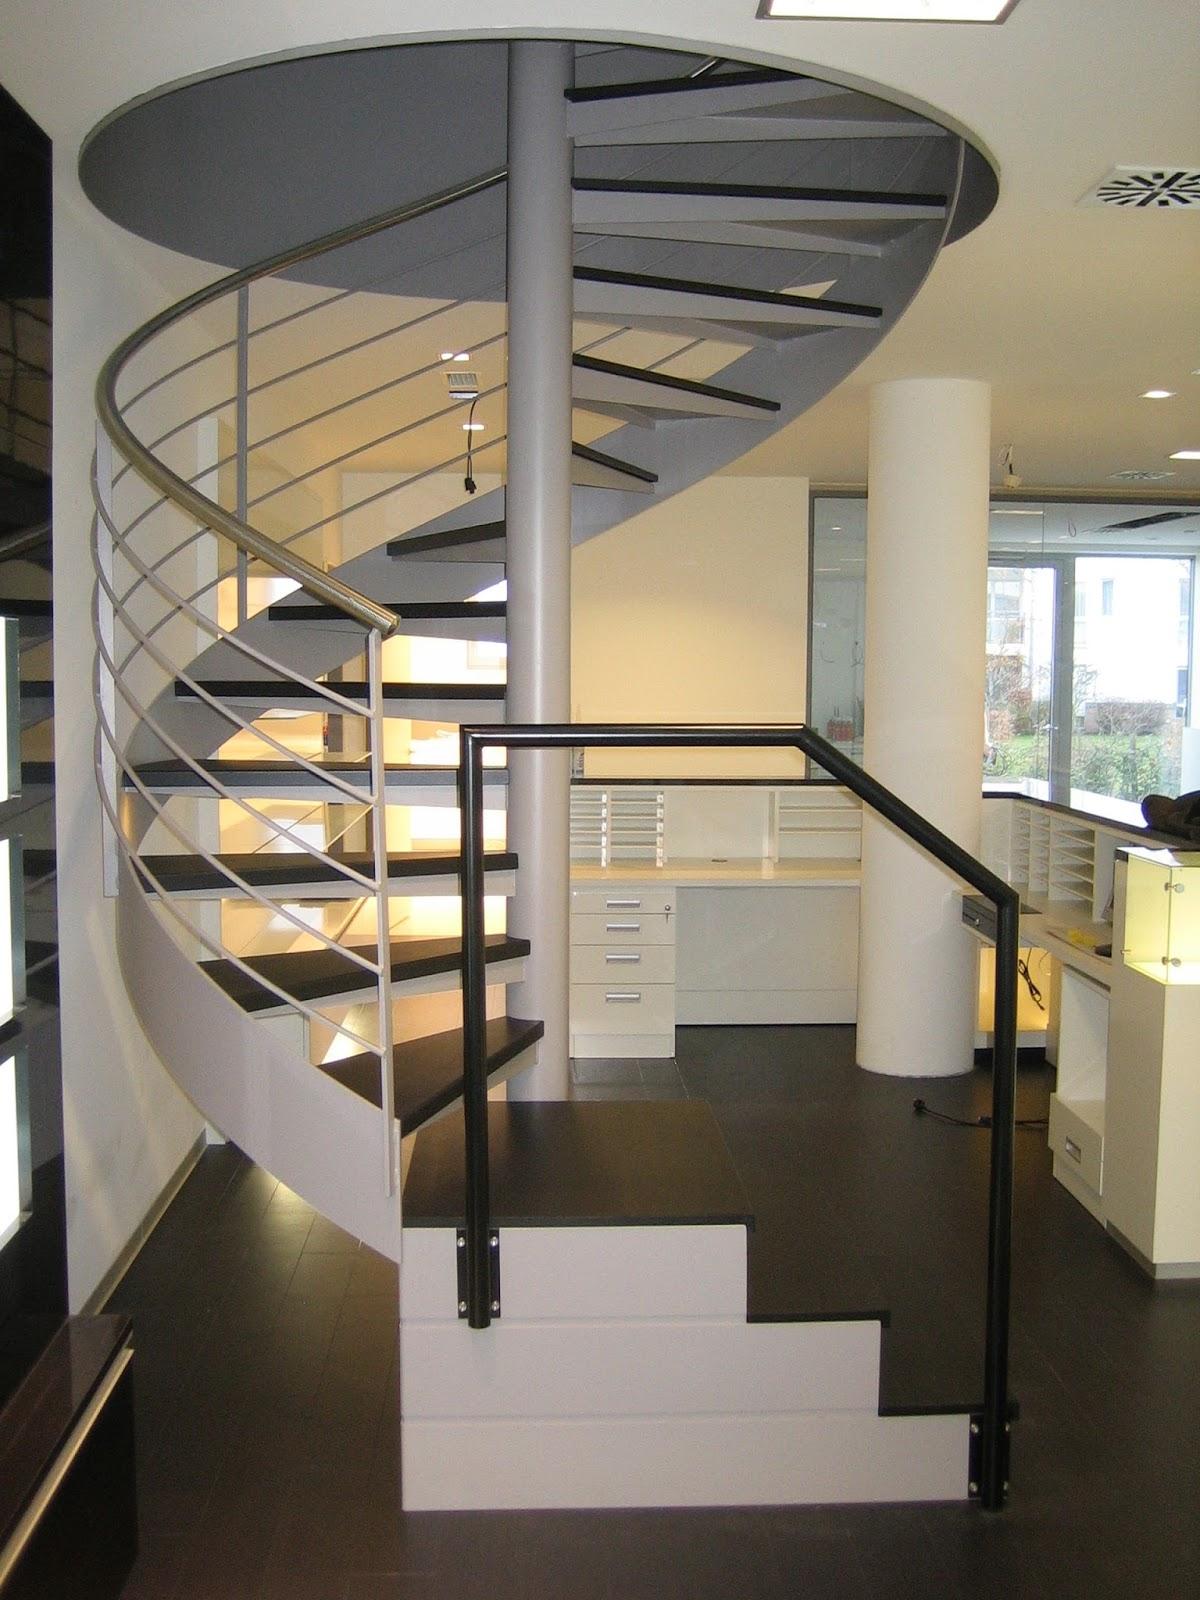 spindeltreppe innentreppe fr bel metallbau. Black Bedroom Furniture Sets. Home Design Ideas